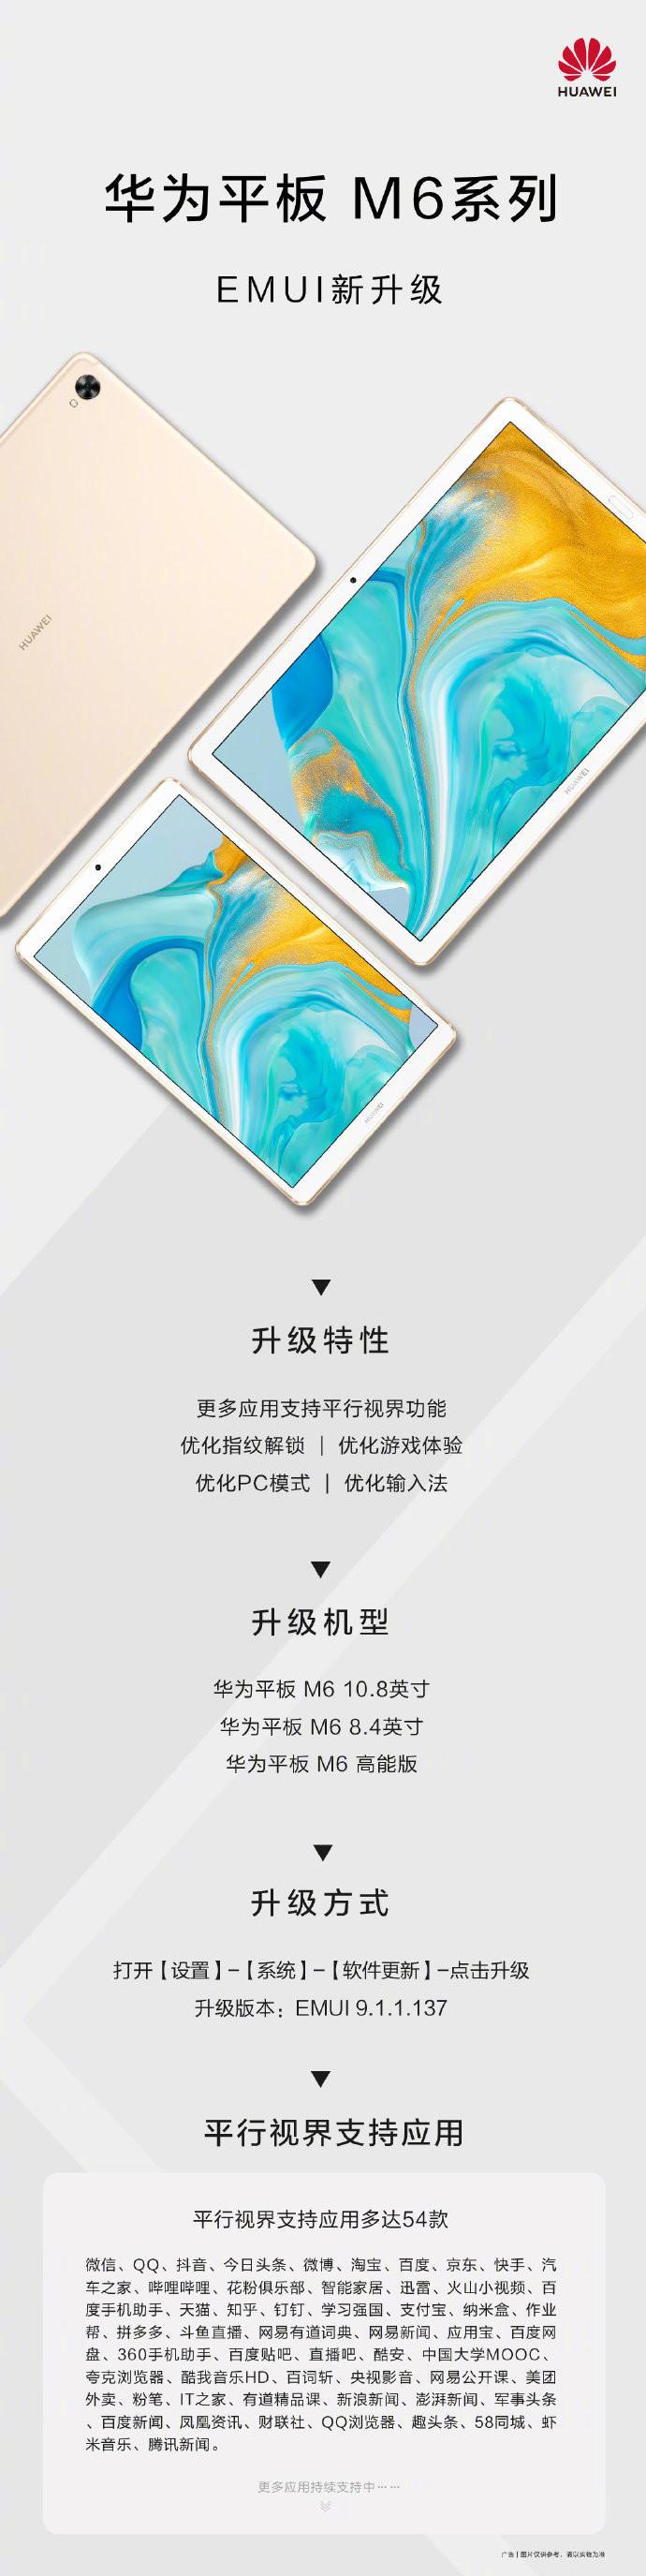 华为平板M6系列EMUI新升级 五大升级全是用户痛点